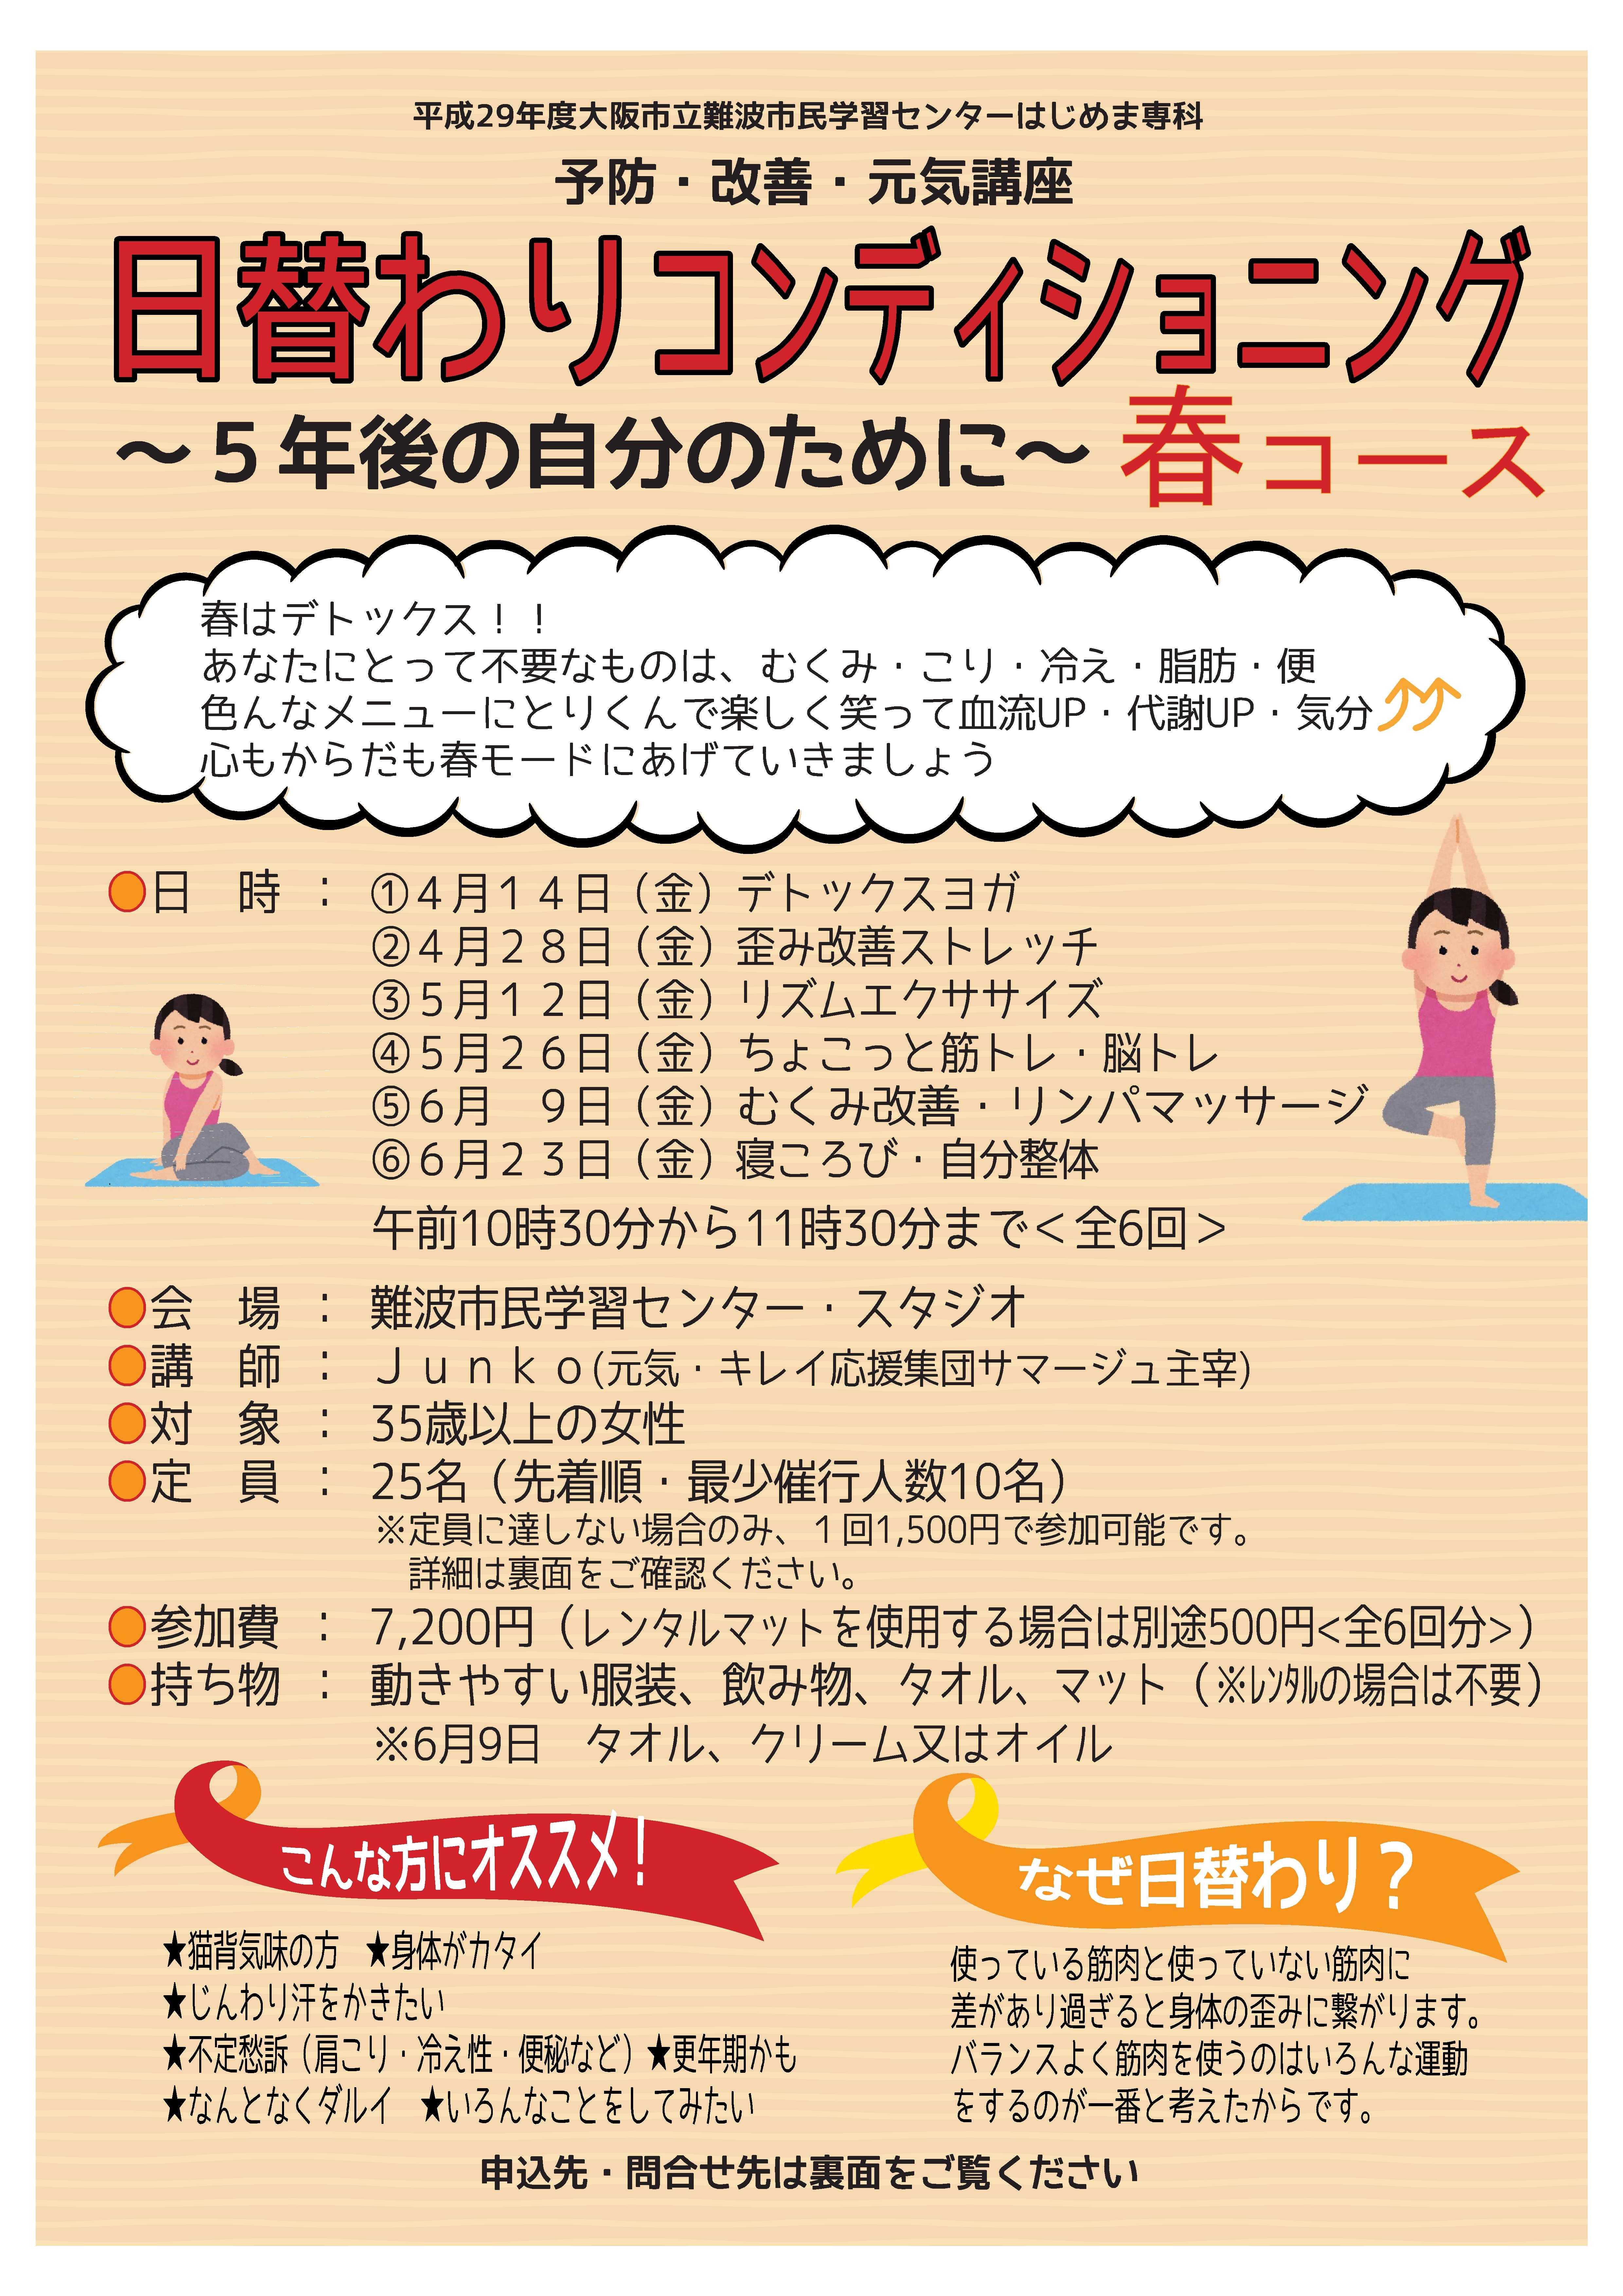 日替わりコンディショニング(表)